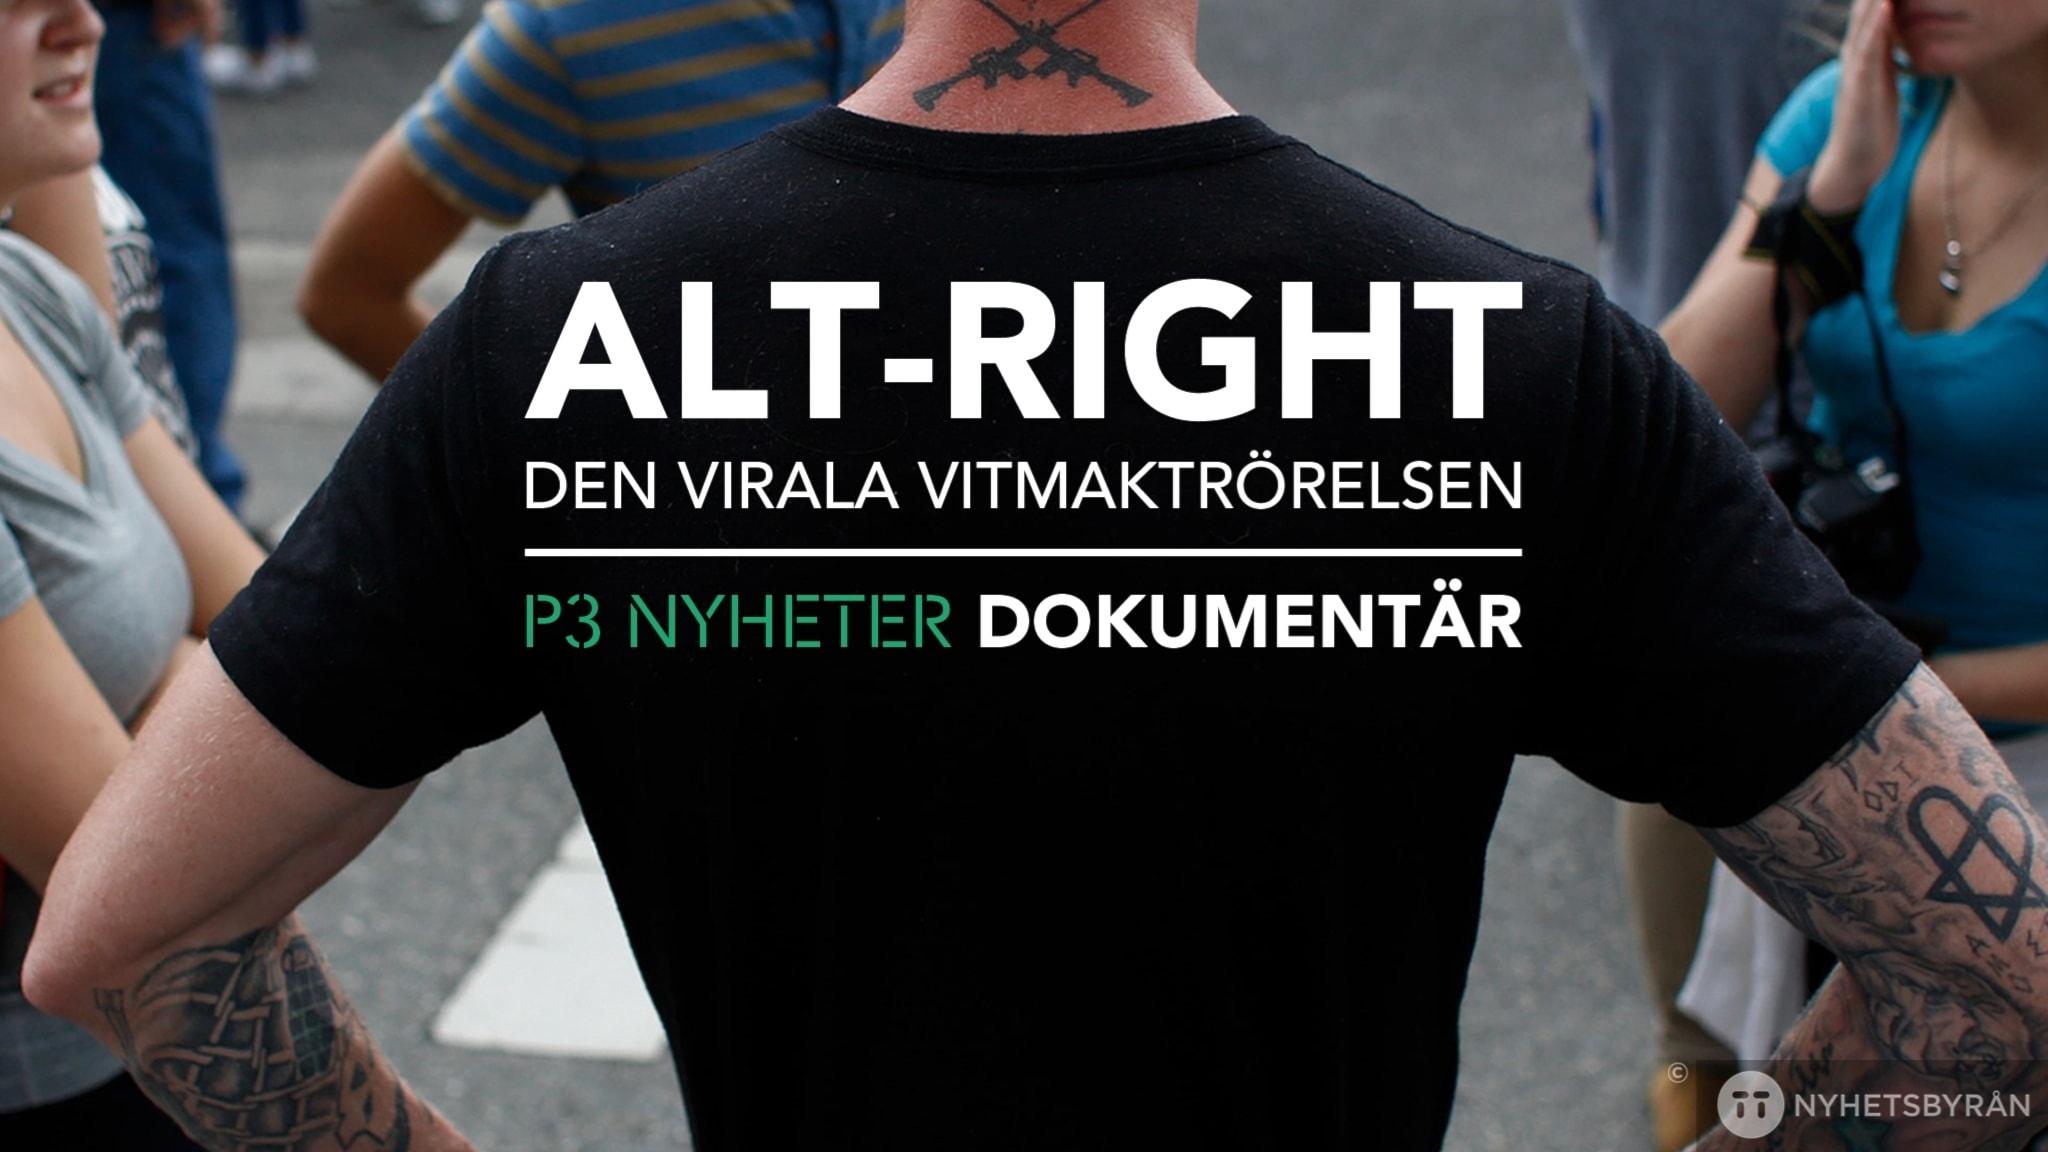 Alt-right, den virala vitmaktrörelsen - P3 Nyheter Dokumentär